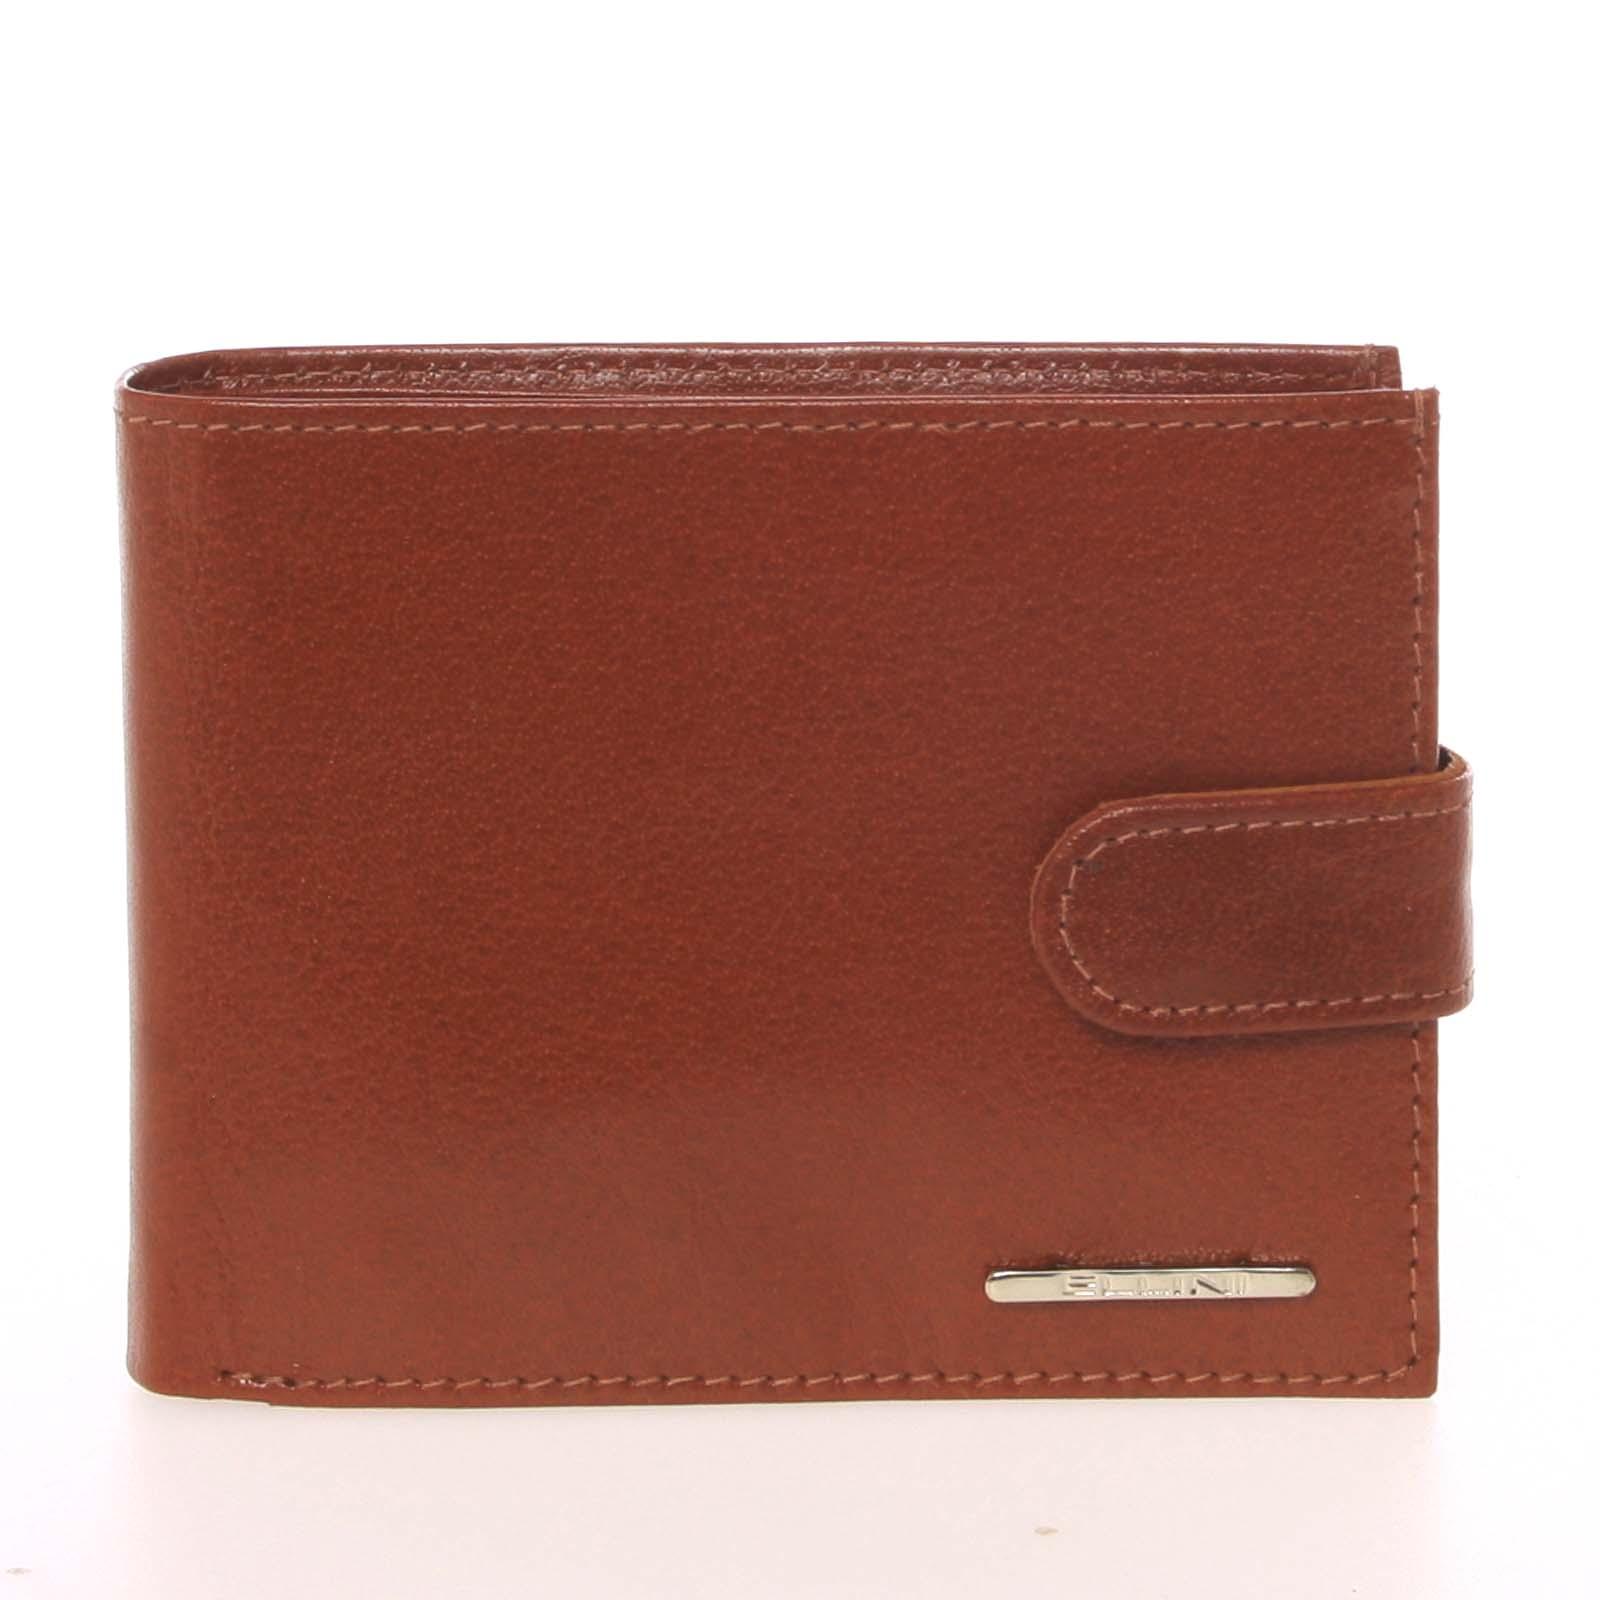 Pánská peněženka světle hnědá - Ellini Lorenzo